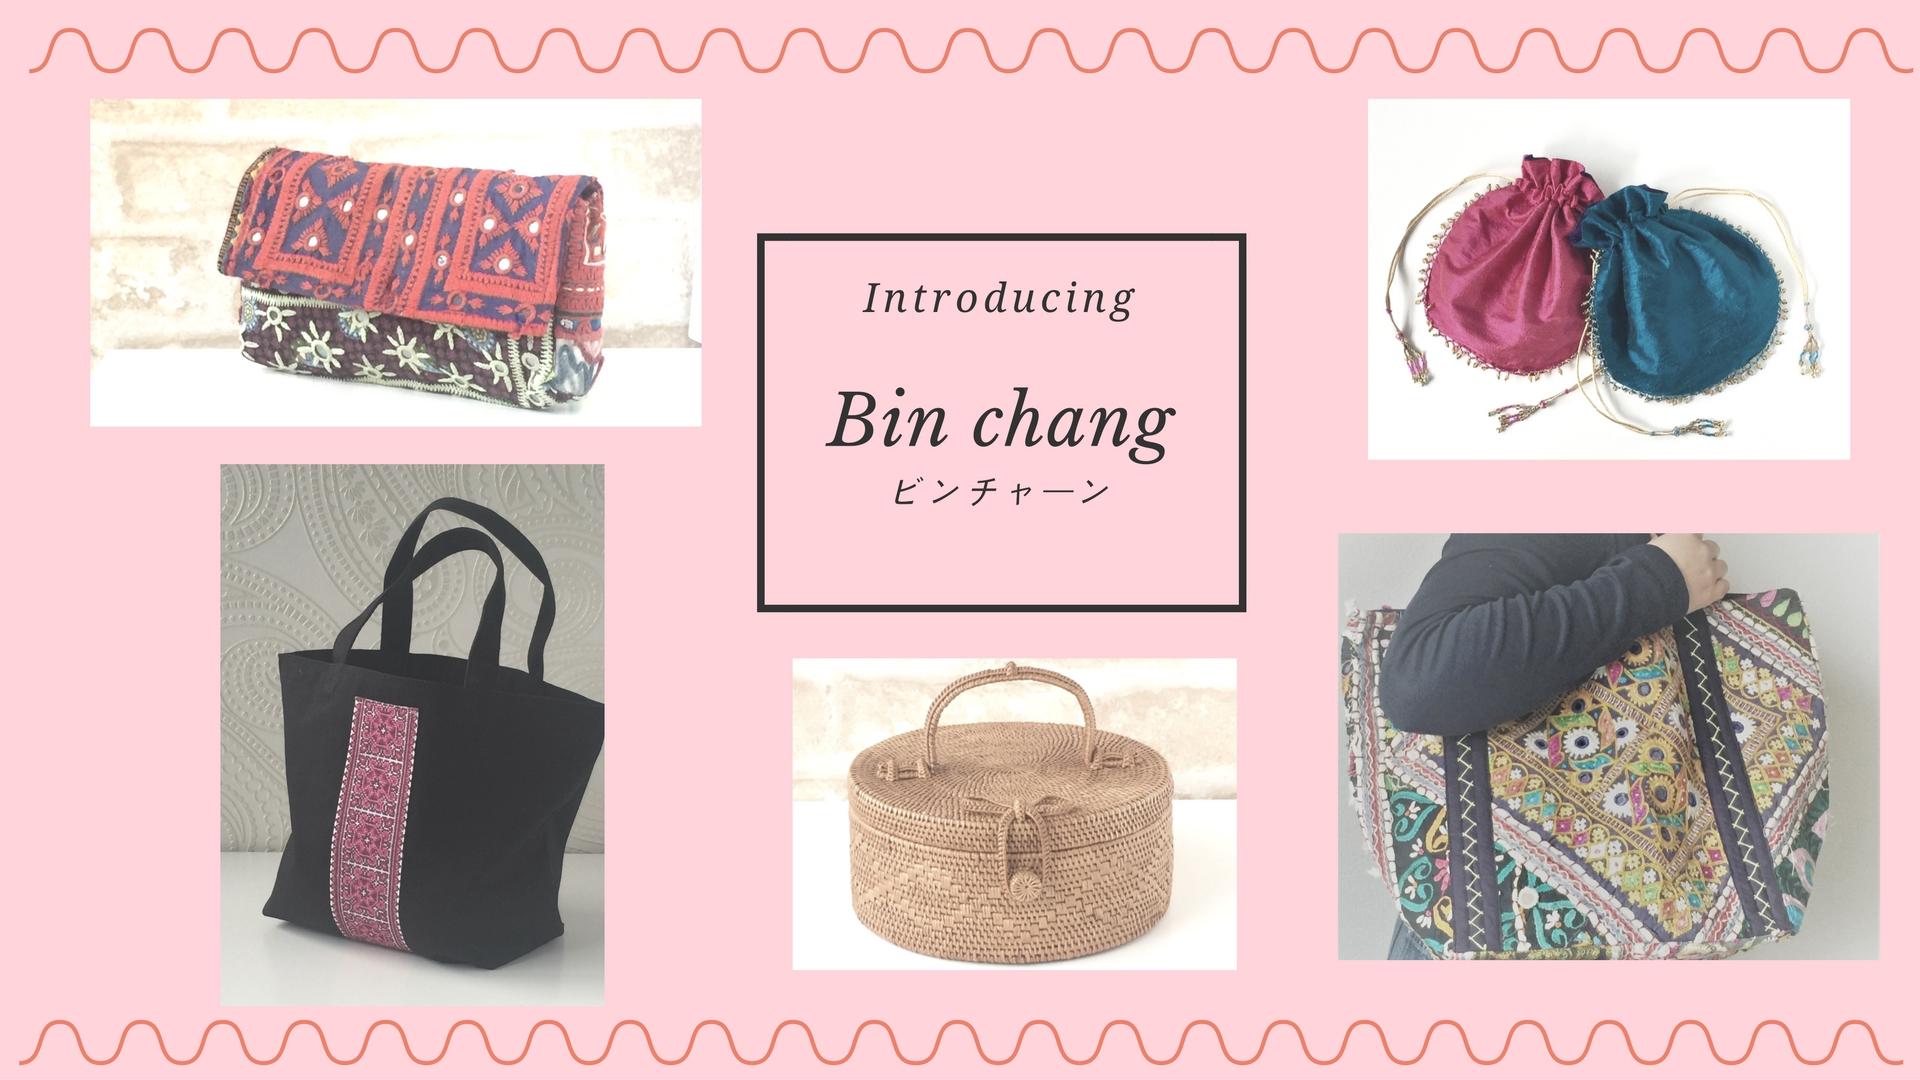 タイとインドの刺繍・雑貨店 ビンチャーン